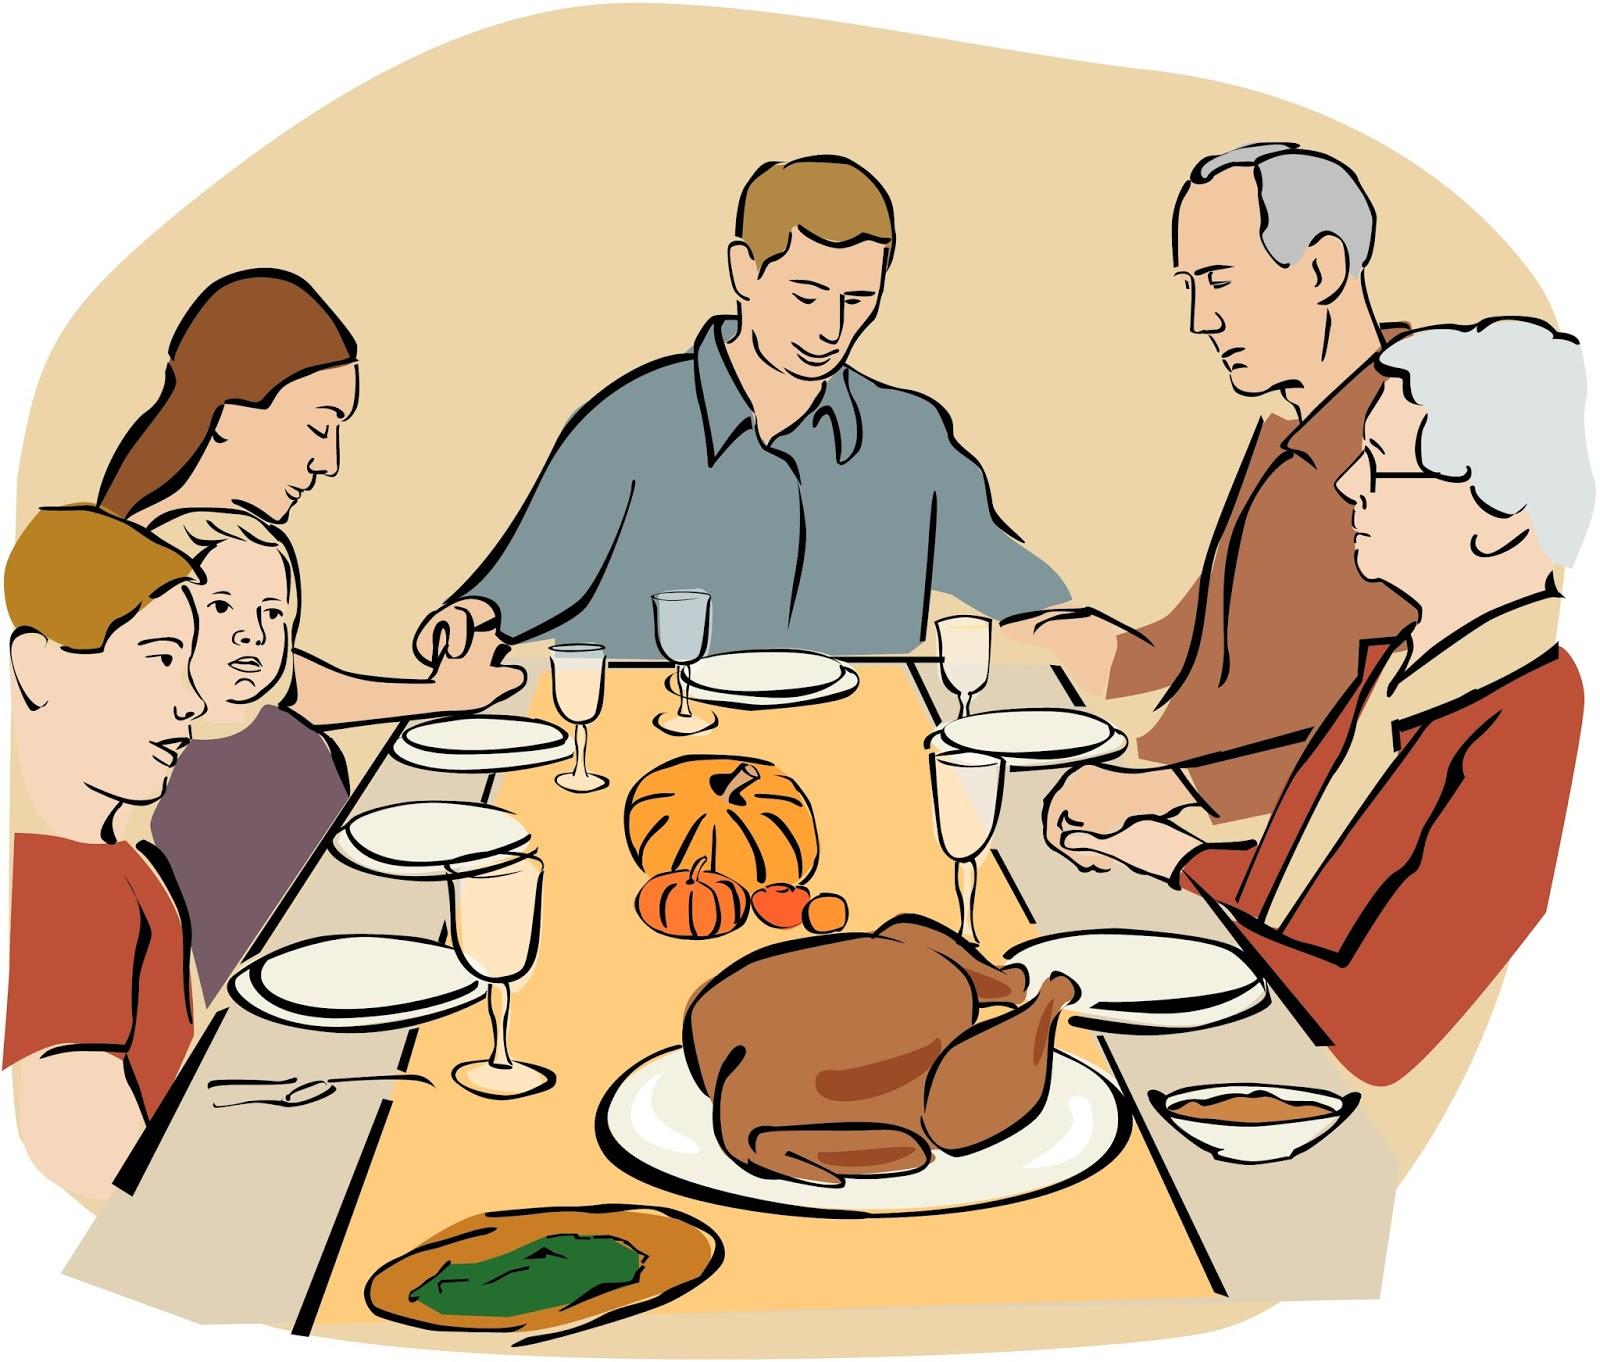 ... Thanksgiving Dinner Clipart 7 ...-... Thanksgiving dinner clipart 7 ...-14